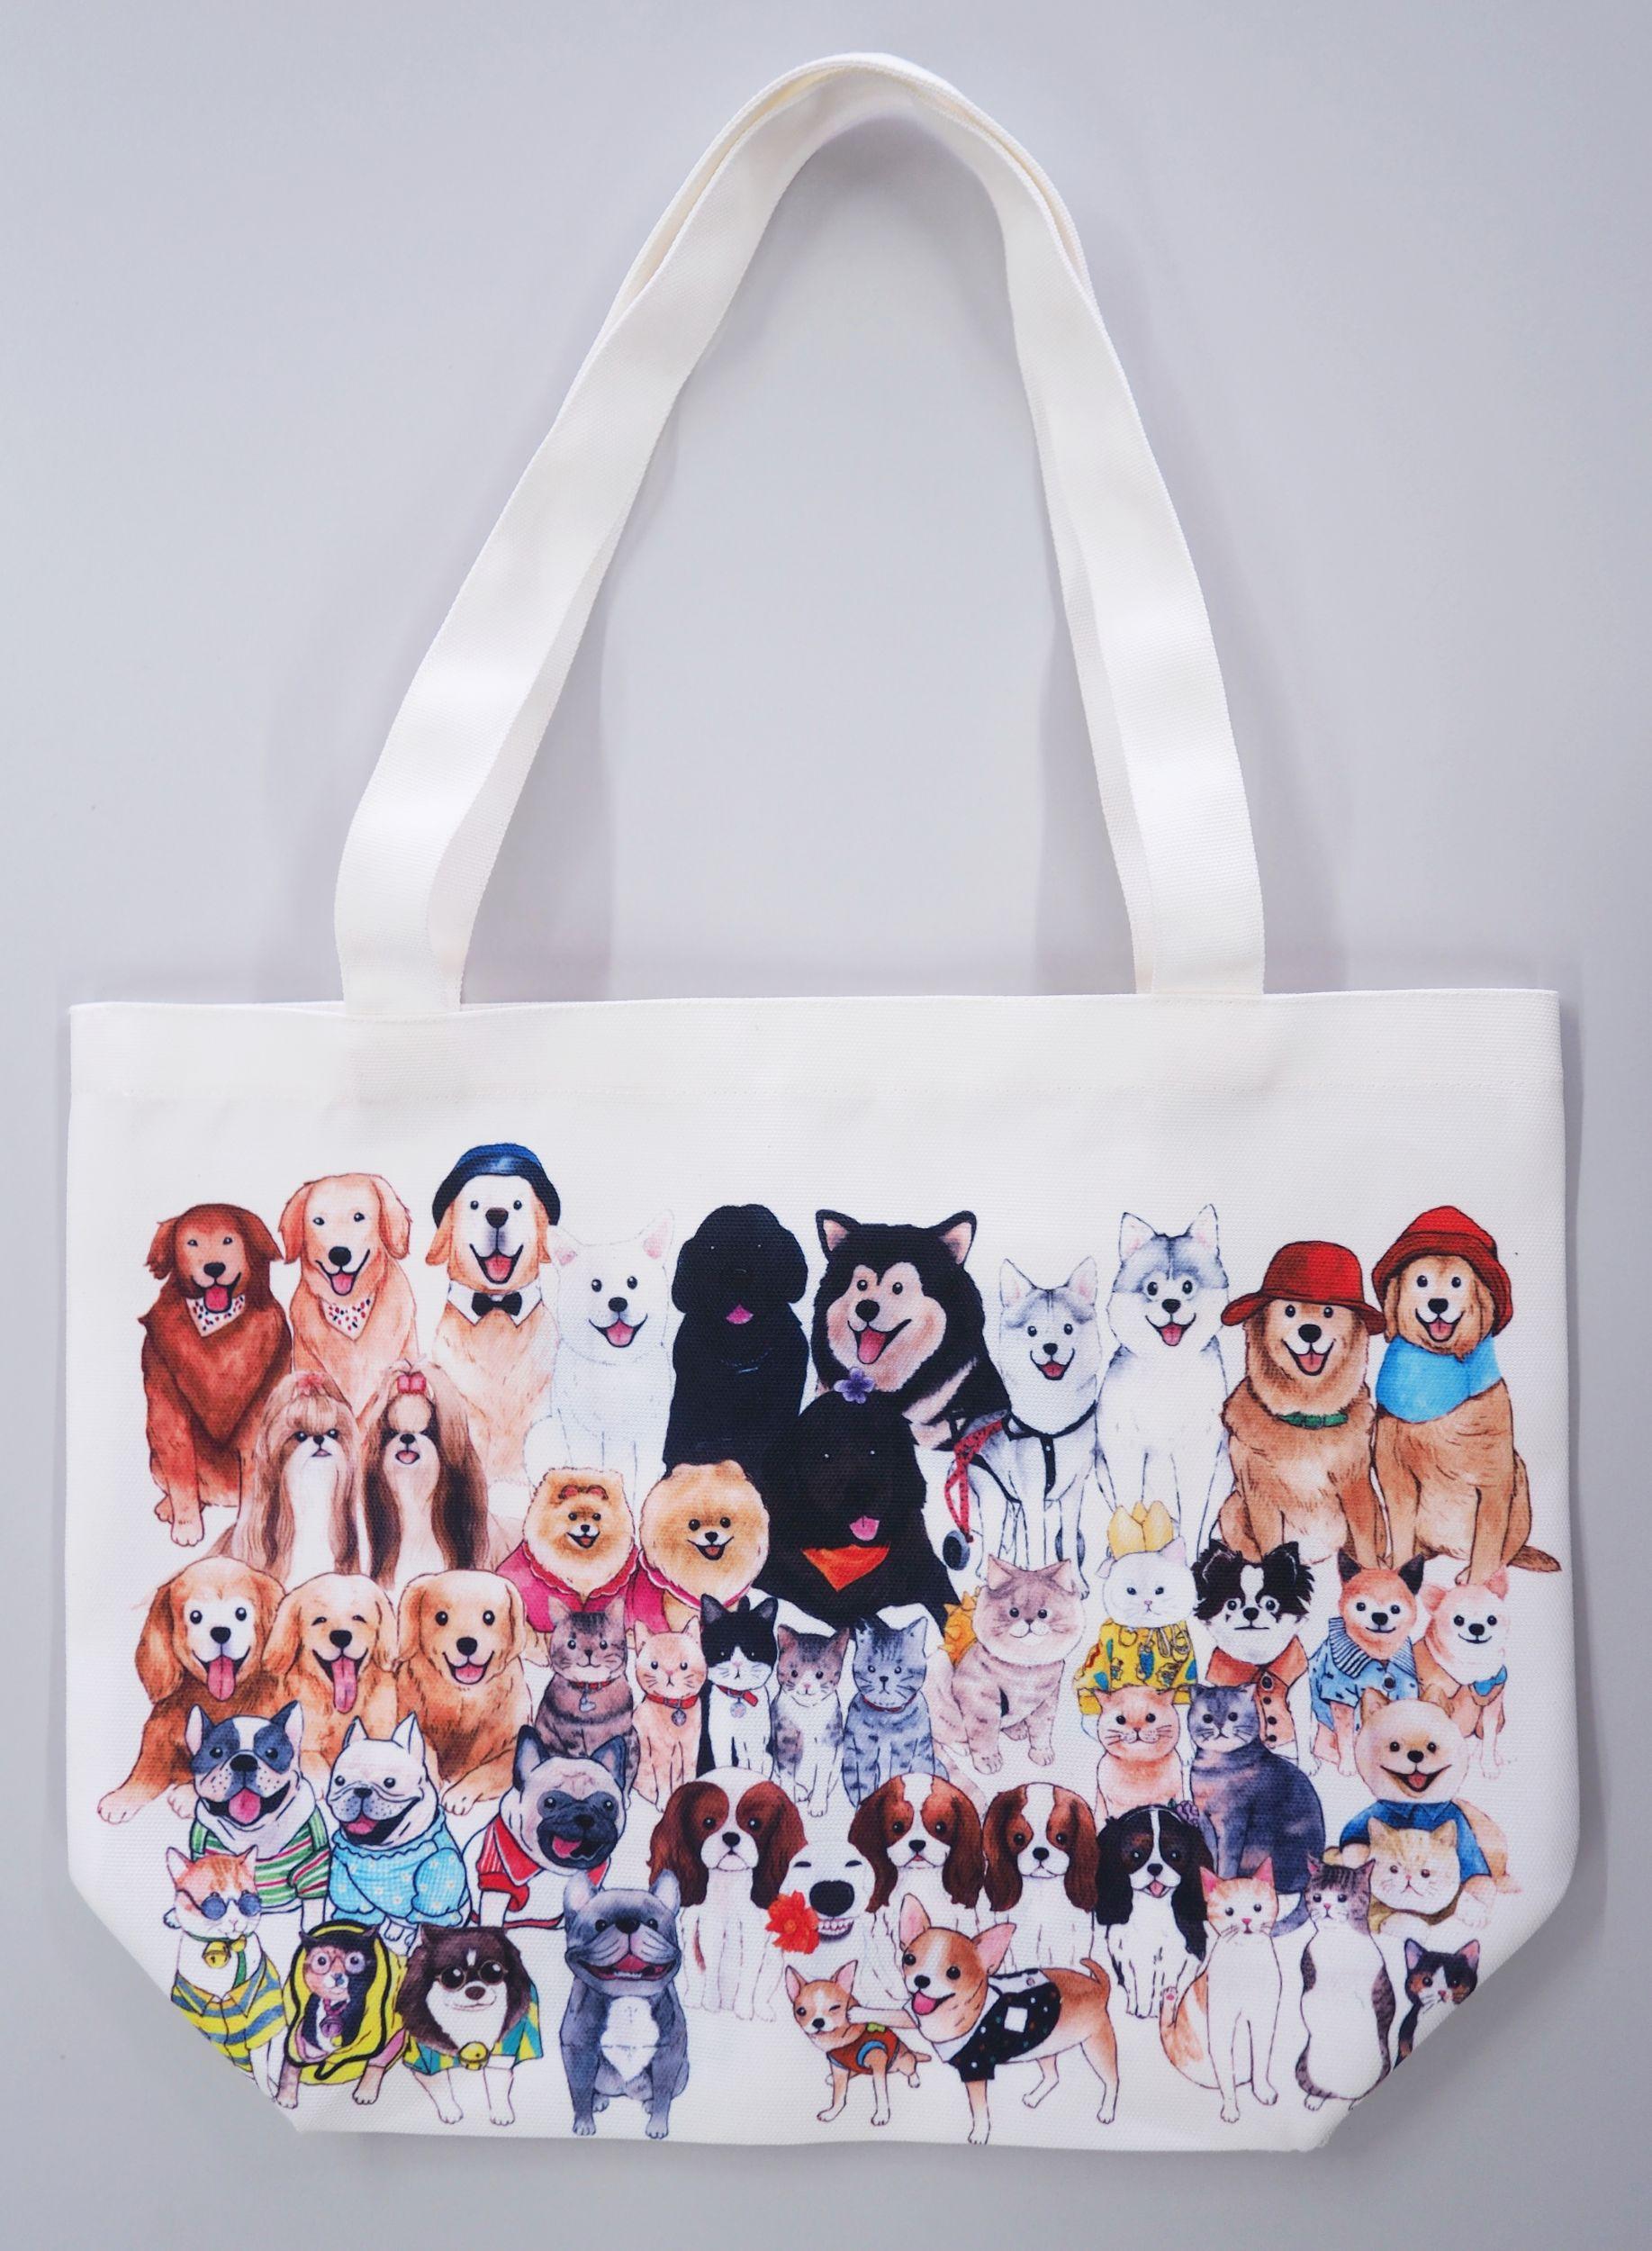 Dogilike.com :: รพส.ทองหล่อ จัดแคมเปญครบรอบ 25 ปี จับมือเพจหมา-แมวเซเลบ ประมูลถุงผ้าช่วยหมาจรจัด